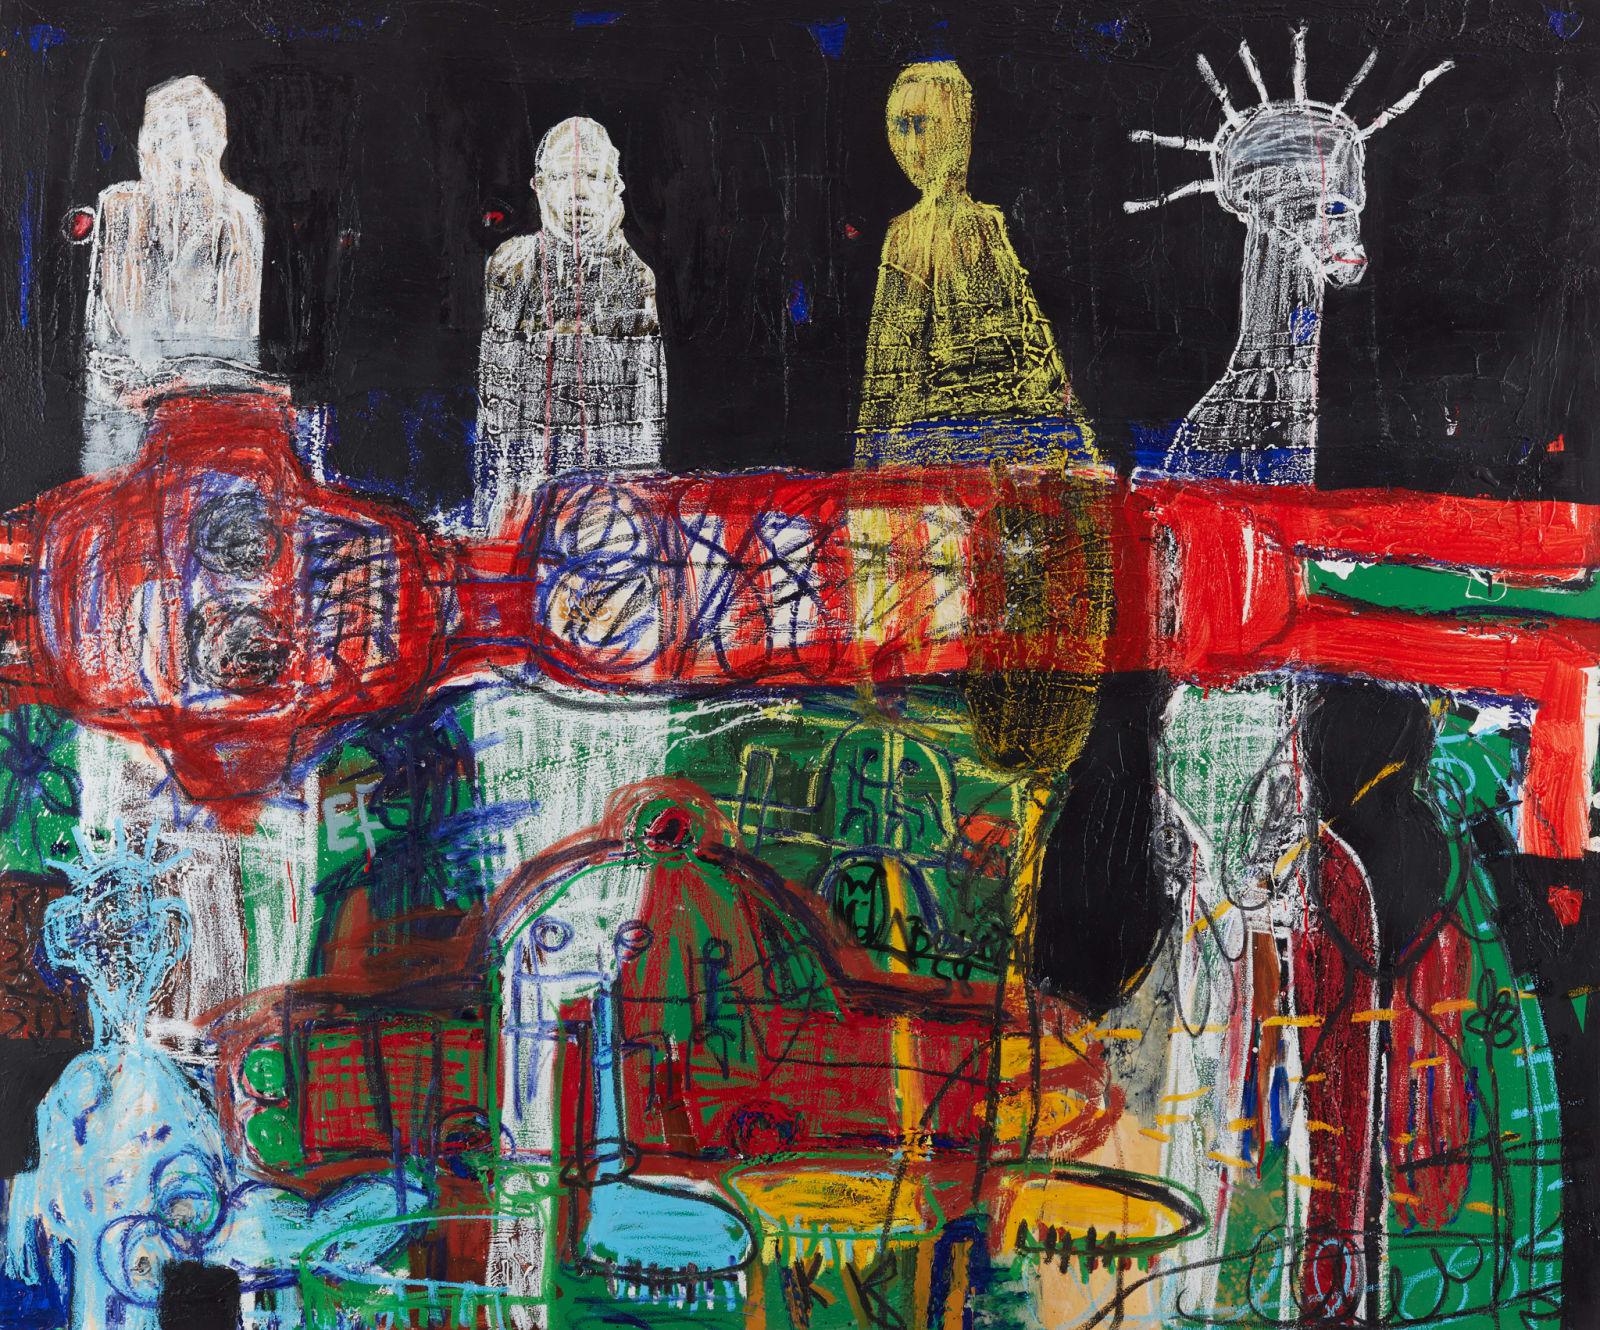 Aboudia  Fantômes des Migrants, 2019  Acrylic, collage & oil pastel on canvas  150 x 180 cm